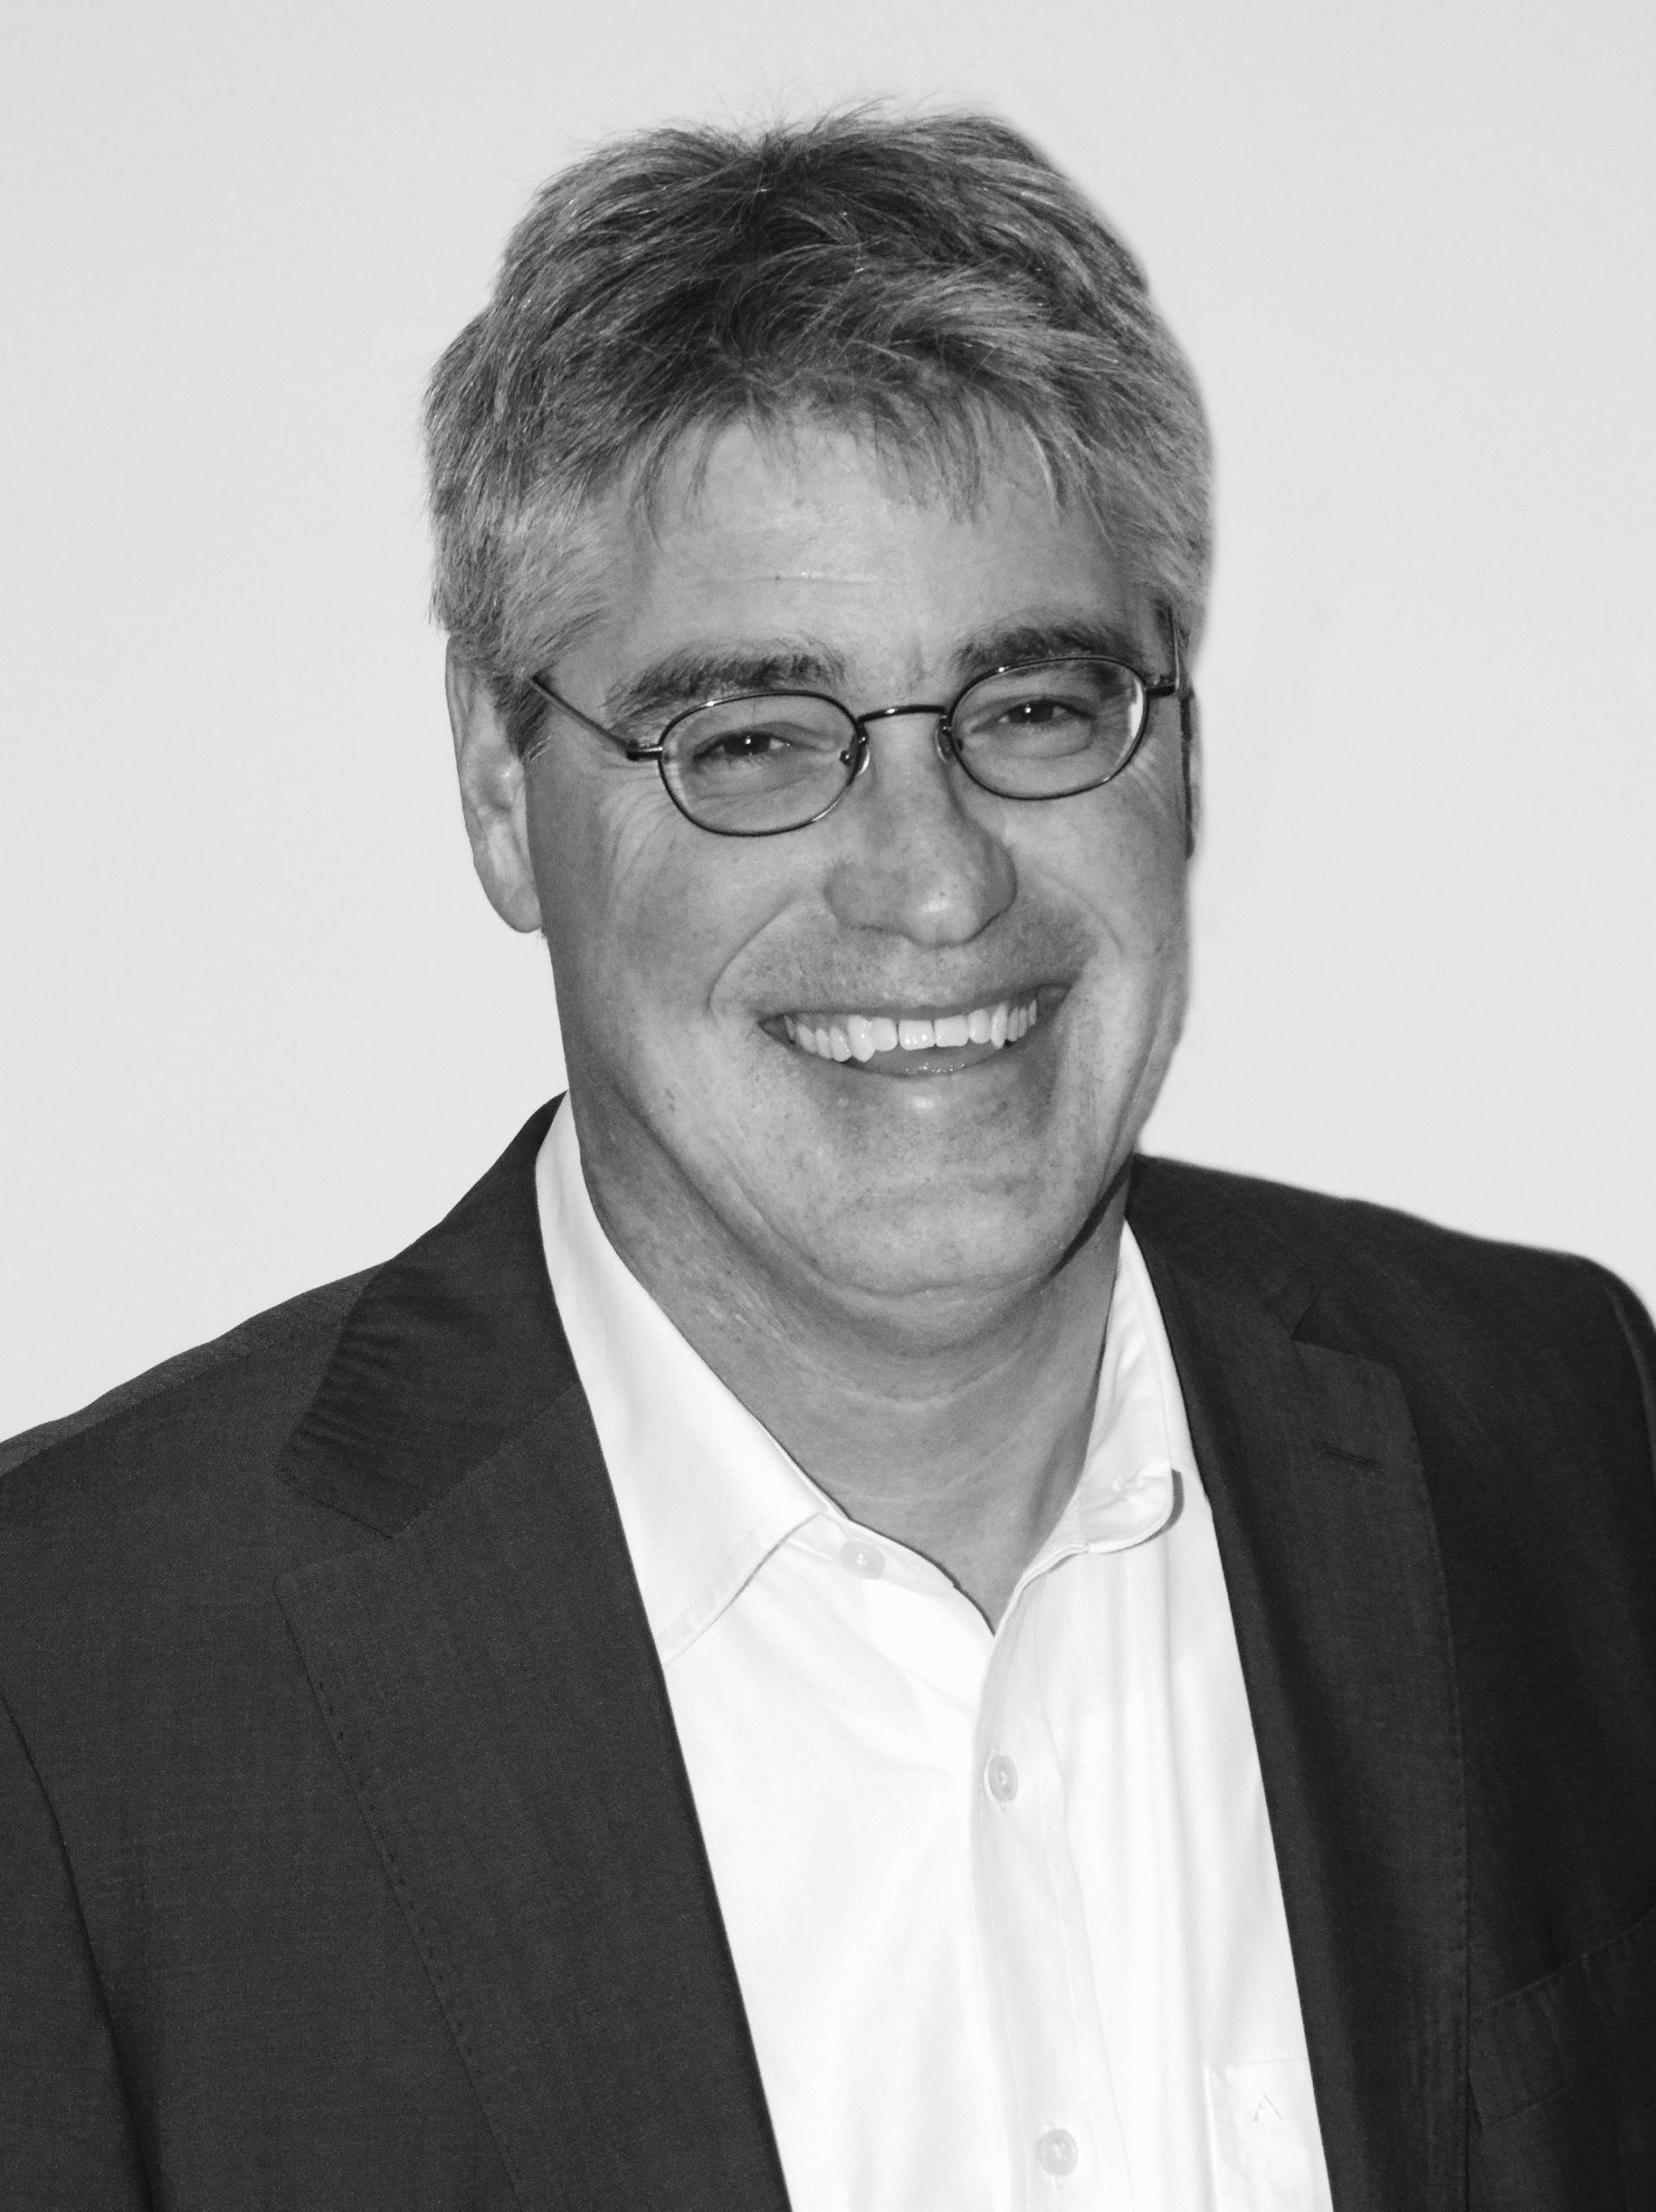 Arjen Boin (ENG)